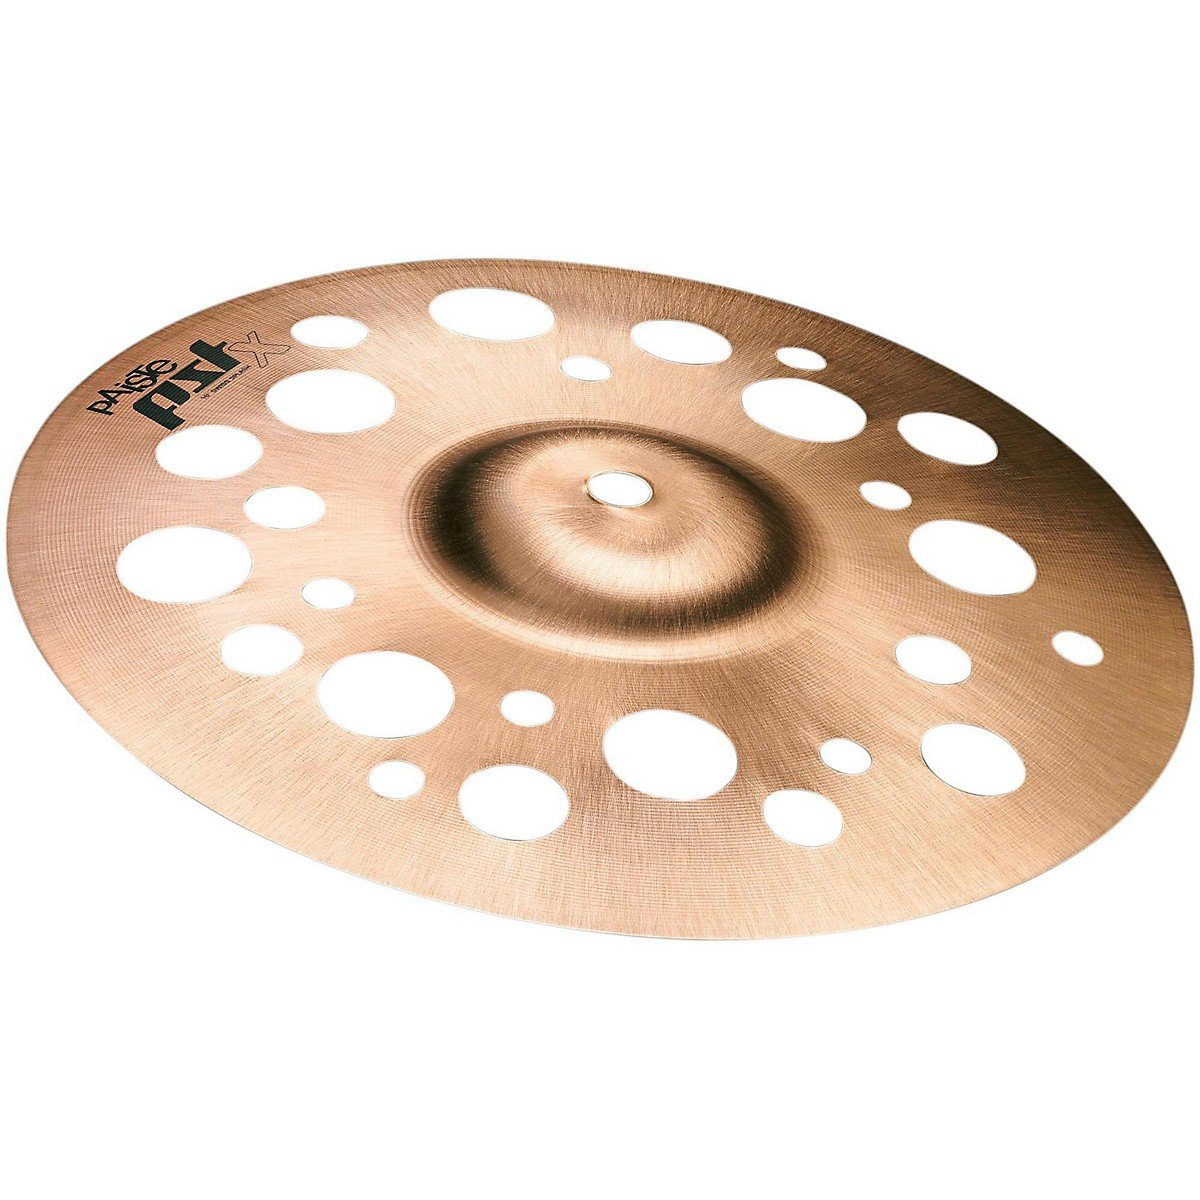 Paiste PST X Swiss Splash Cymbal - 10